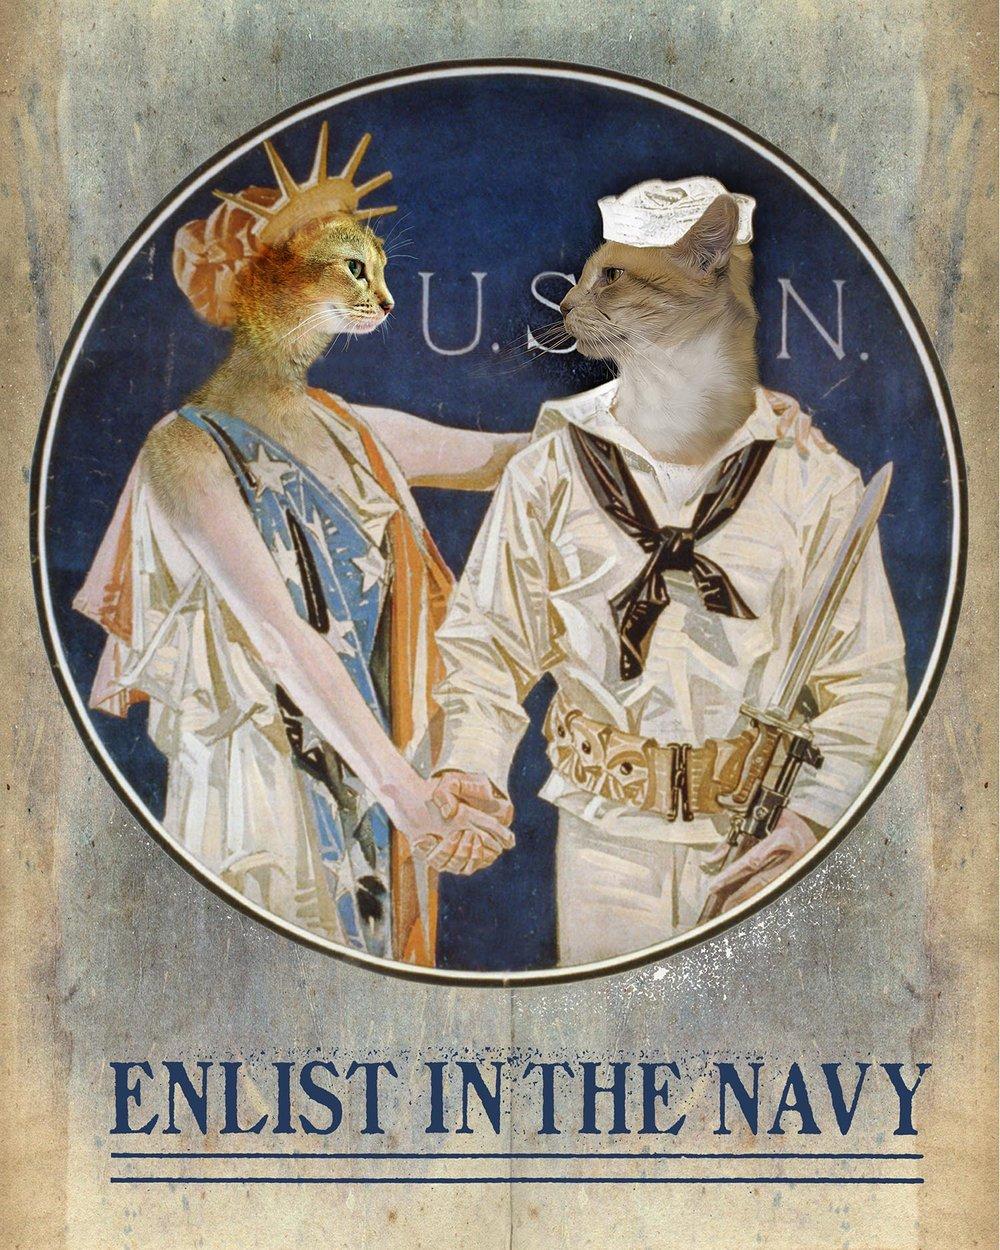 Enlist in the Navy